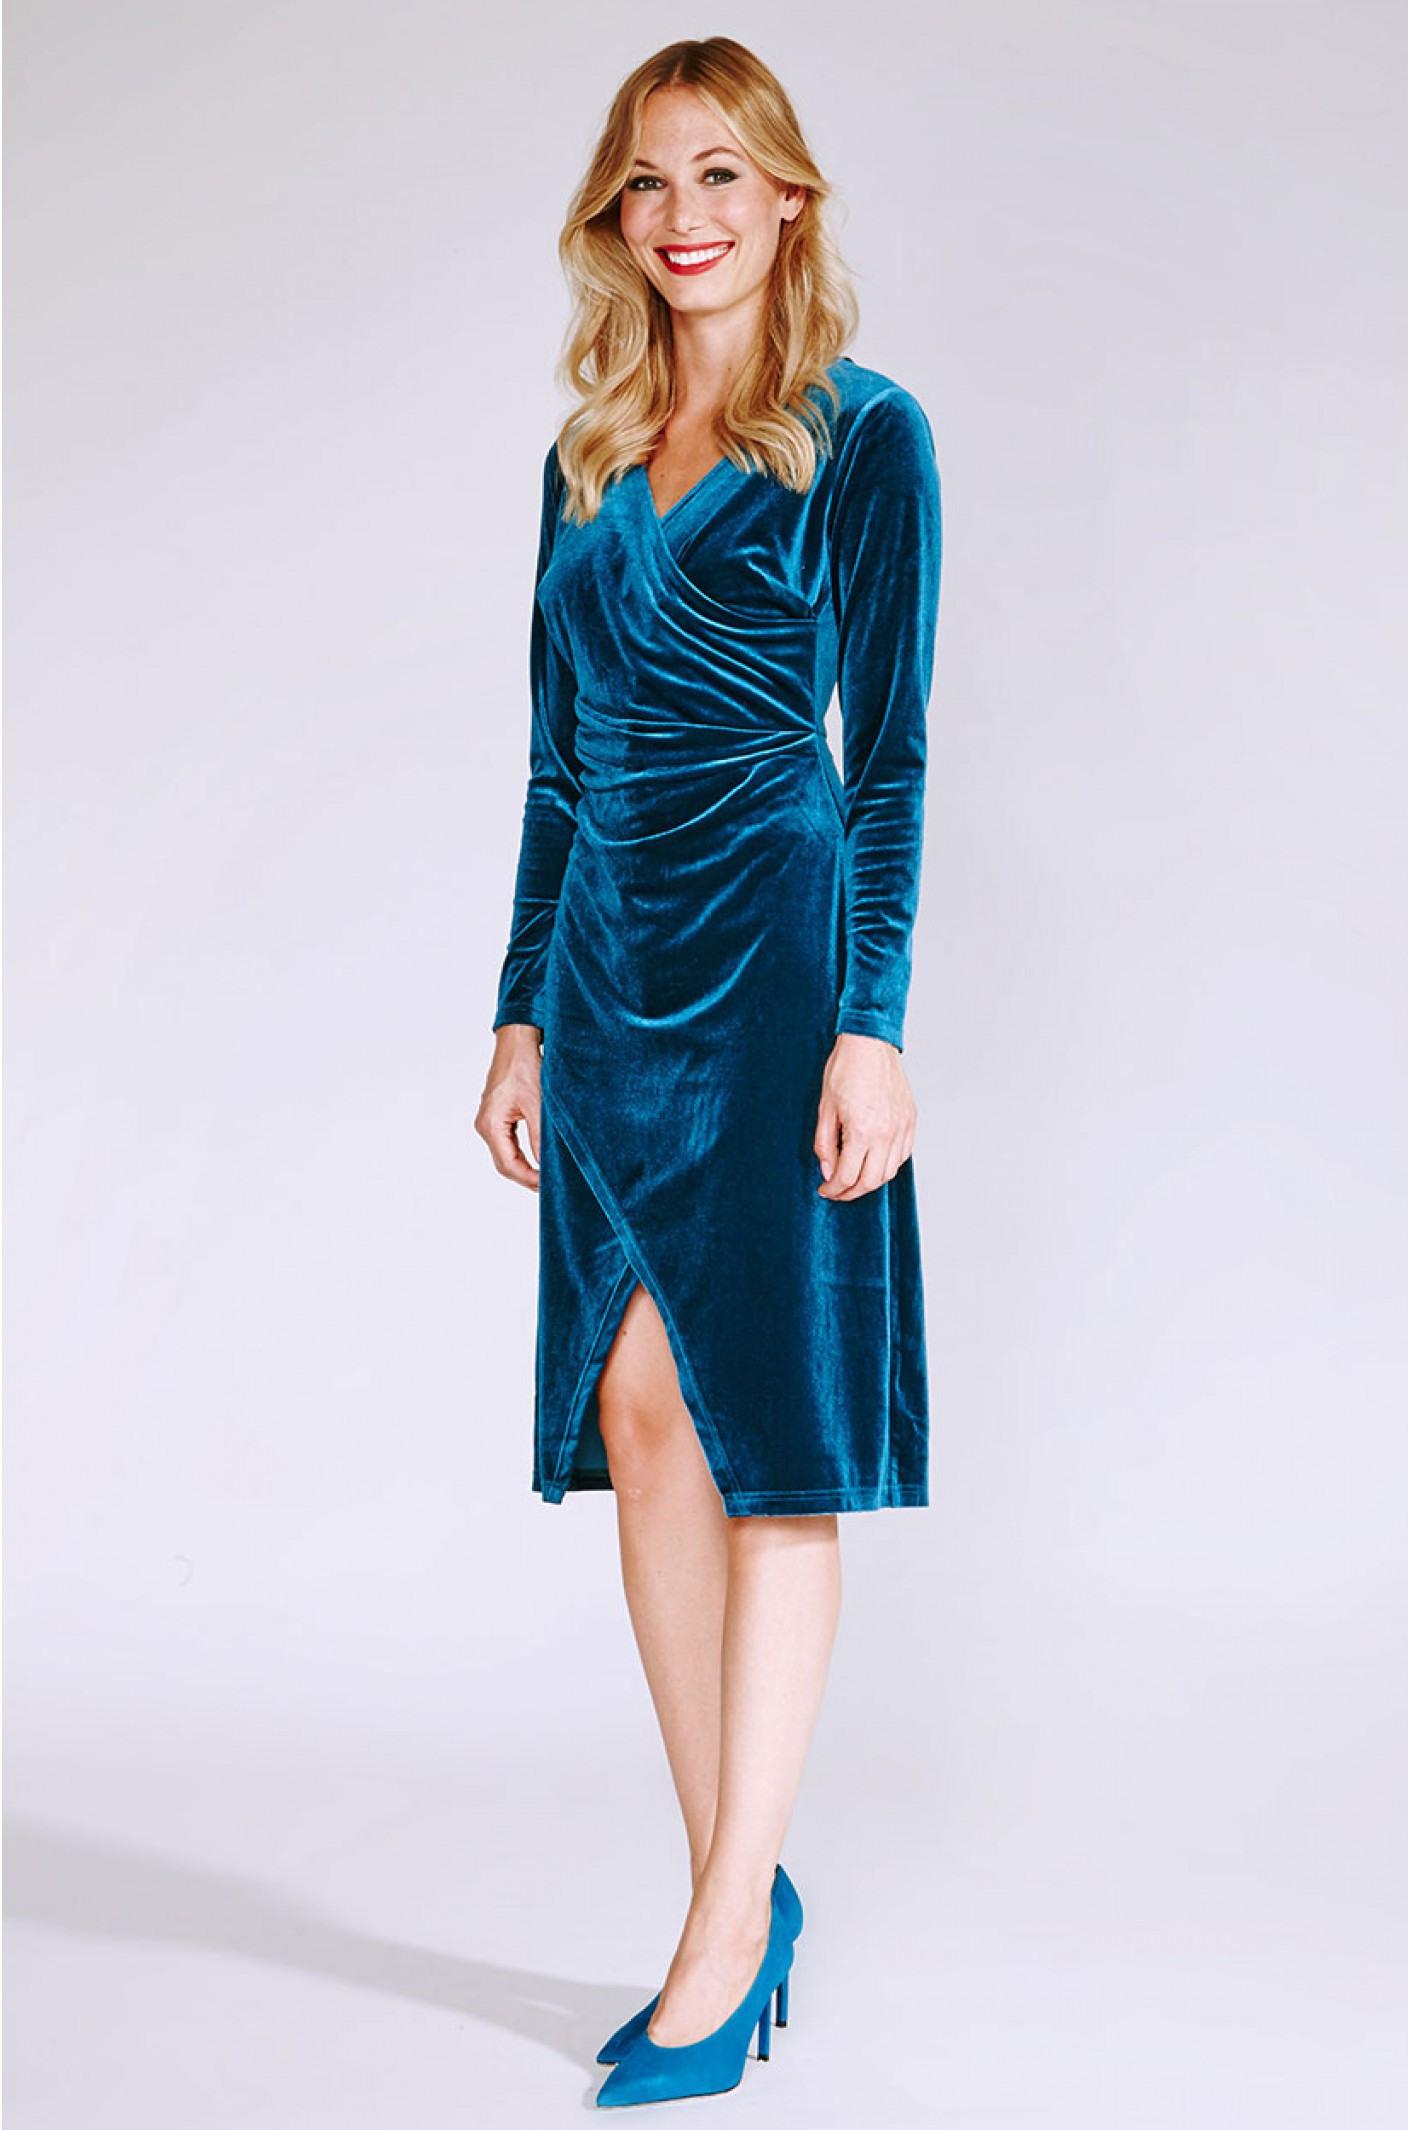 Designer Cool Wickel Abendkleid ÄrmelFormal Perfekt Wickel Abendkleid Design